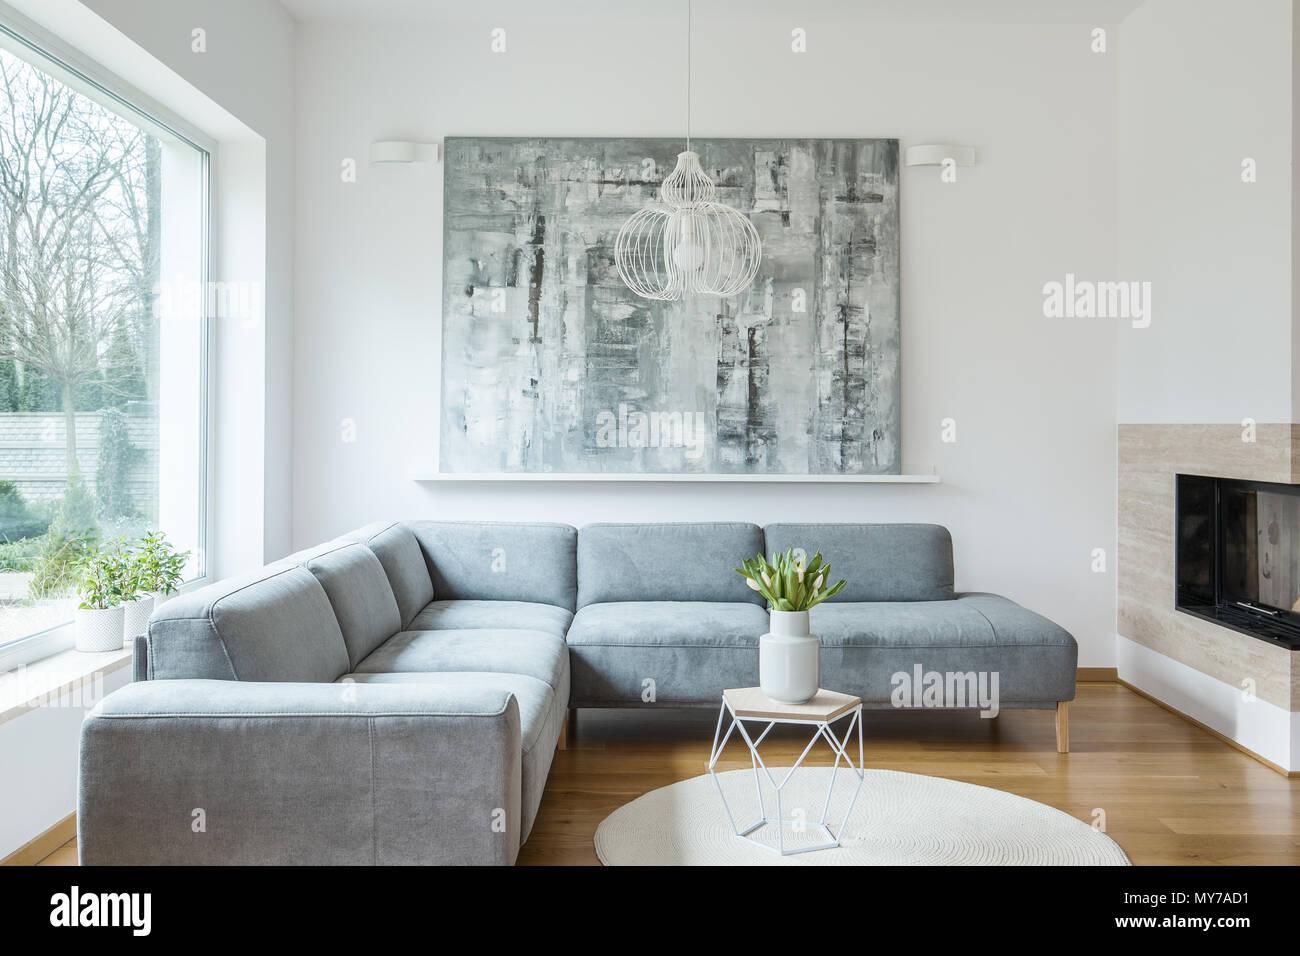 Grigio Divano Ad Angolo Contro Il Muro Bianco Con Pittura In 37008e73bd67